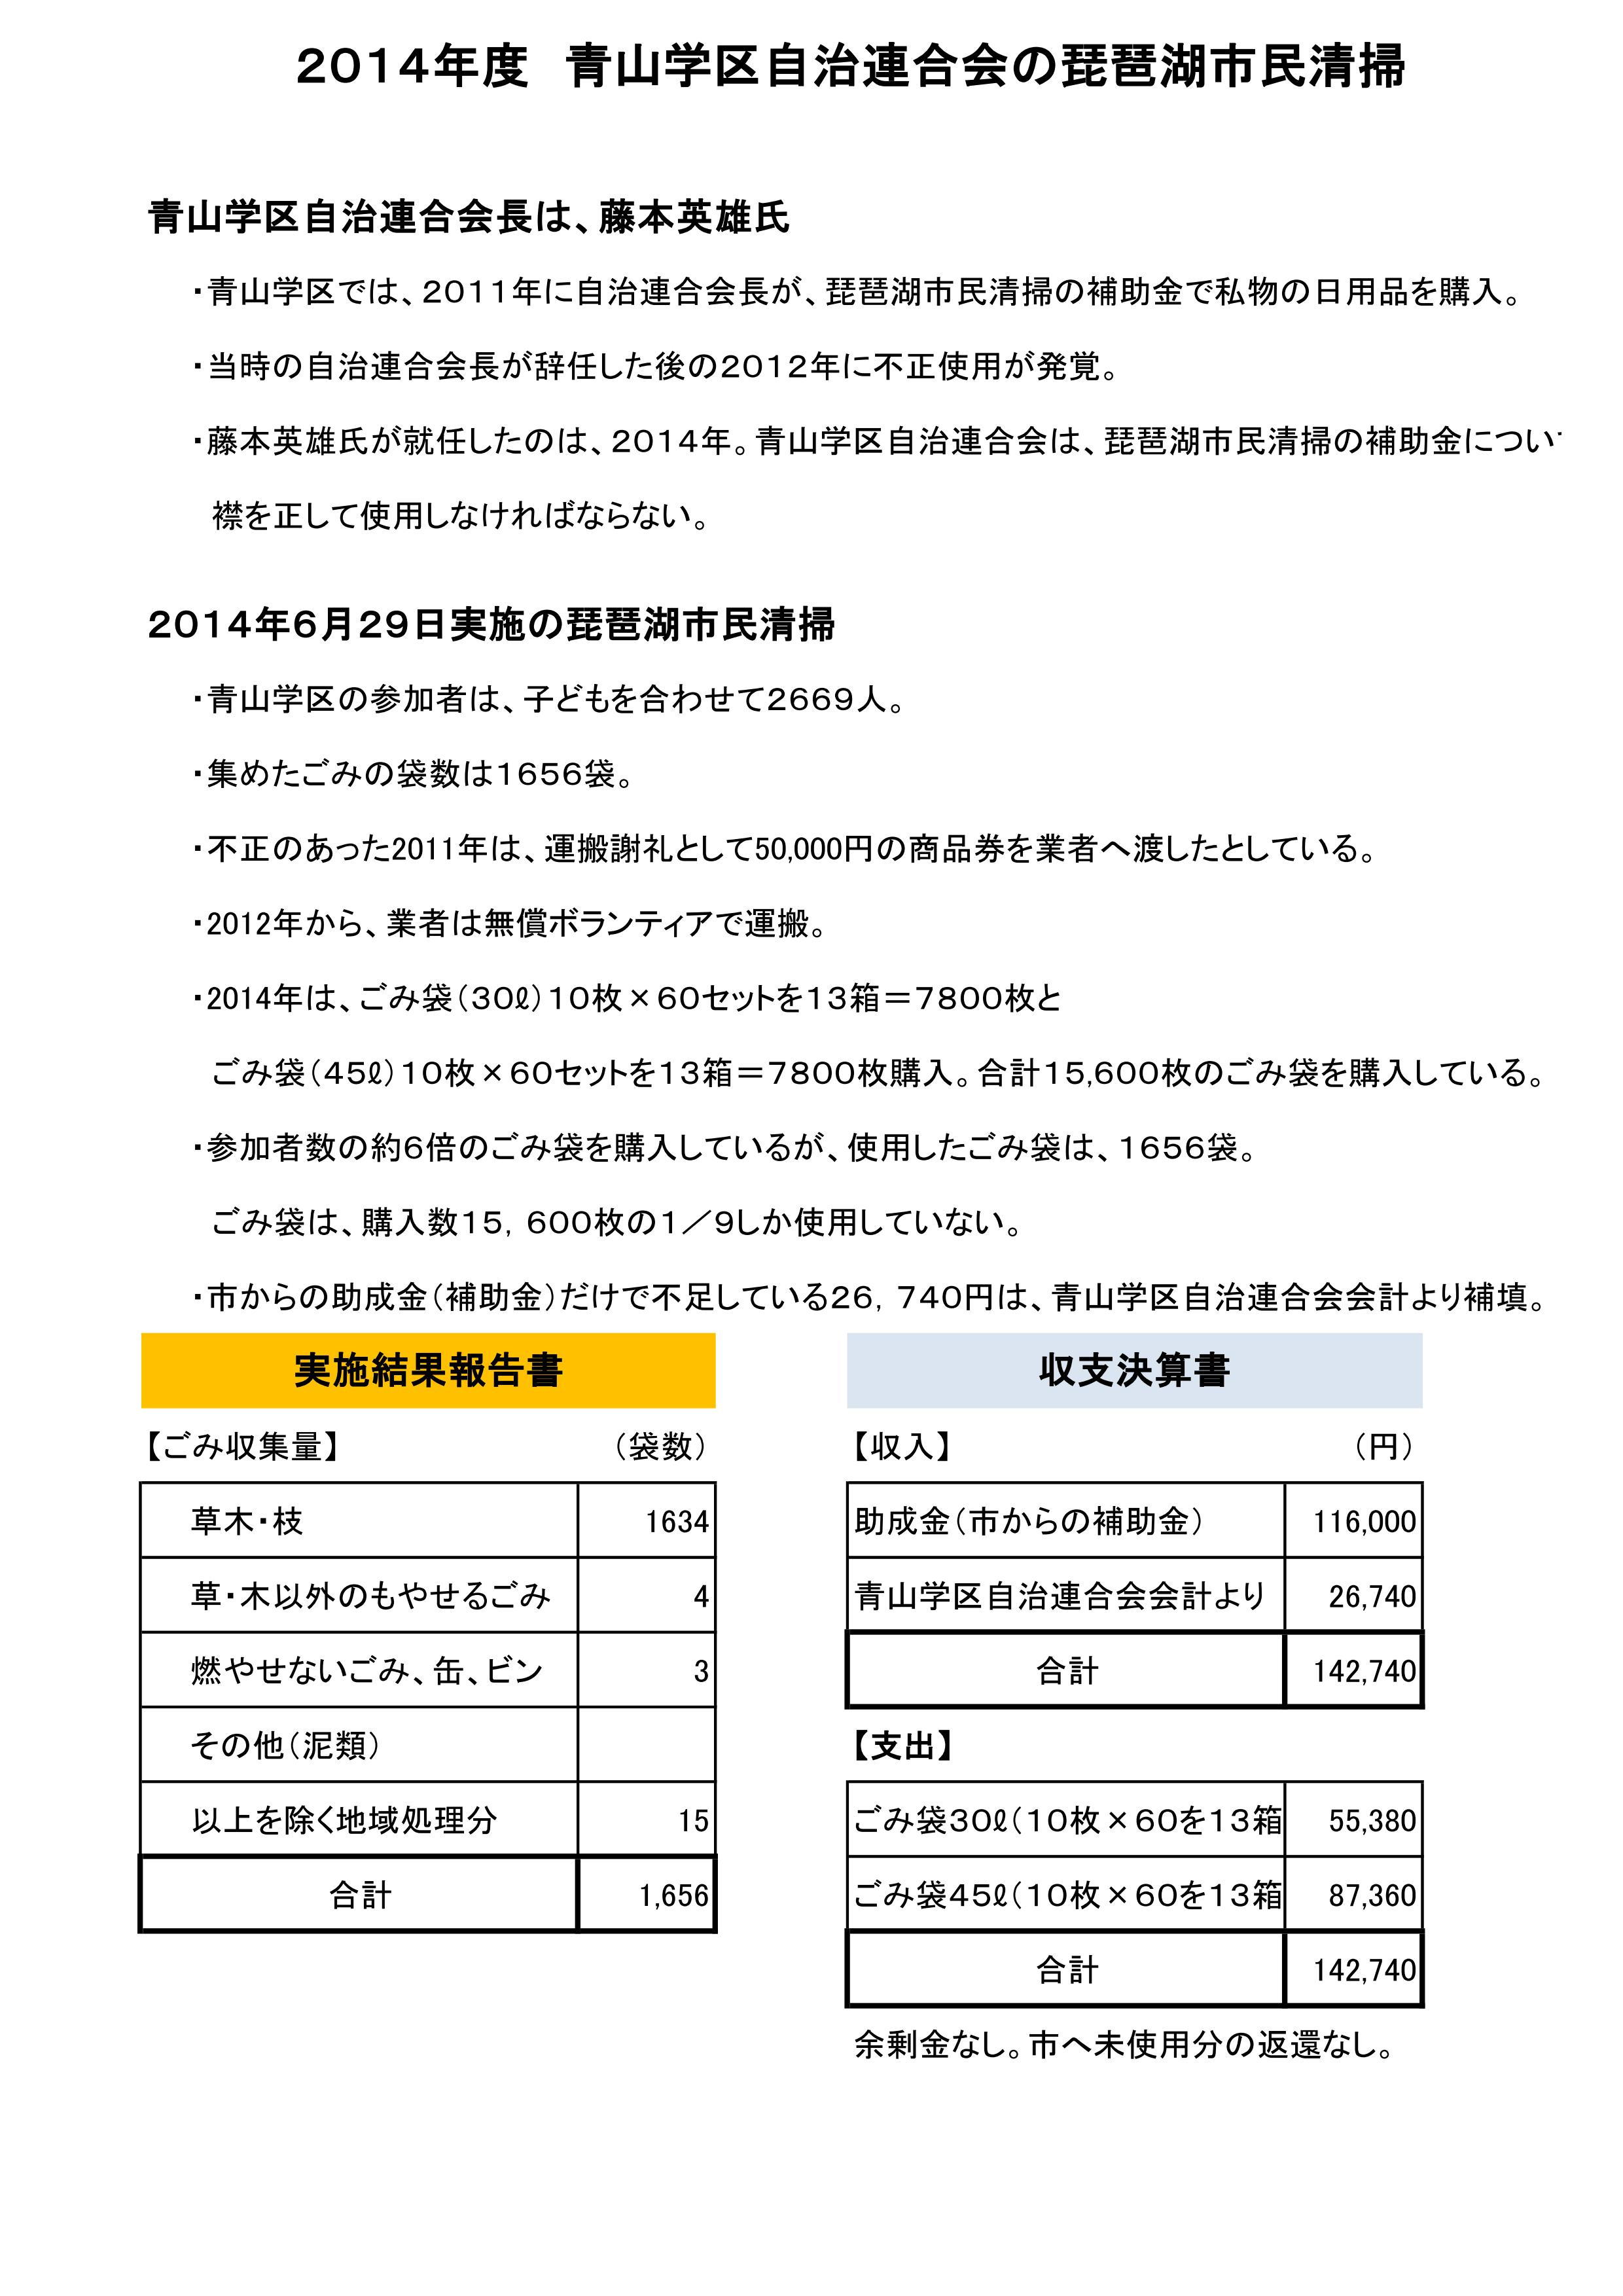 平成26年琵琶湖市民清掃(青山)_02